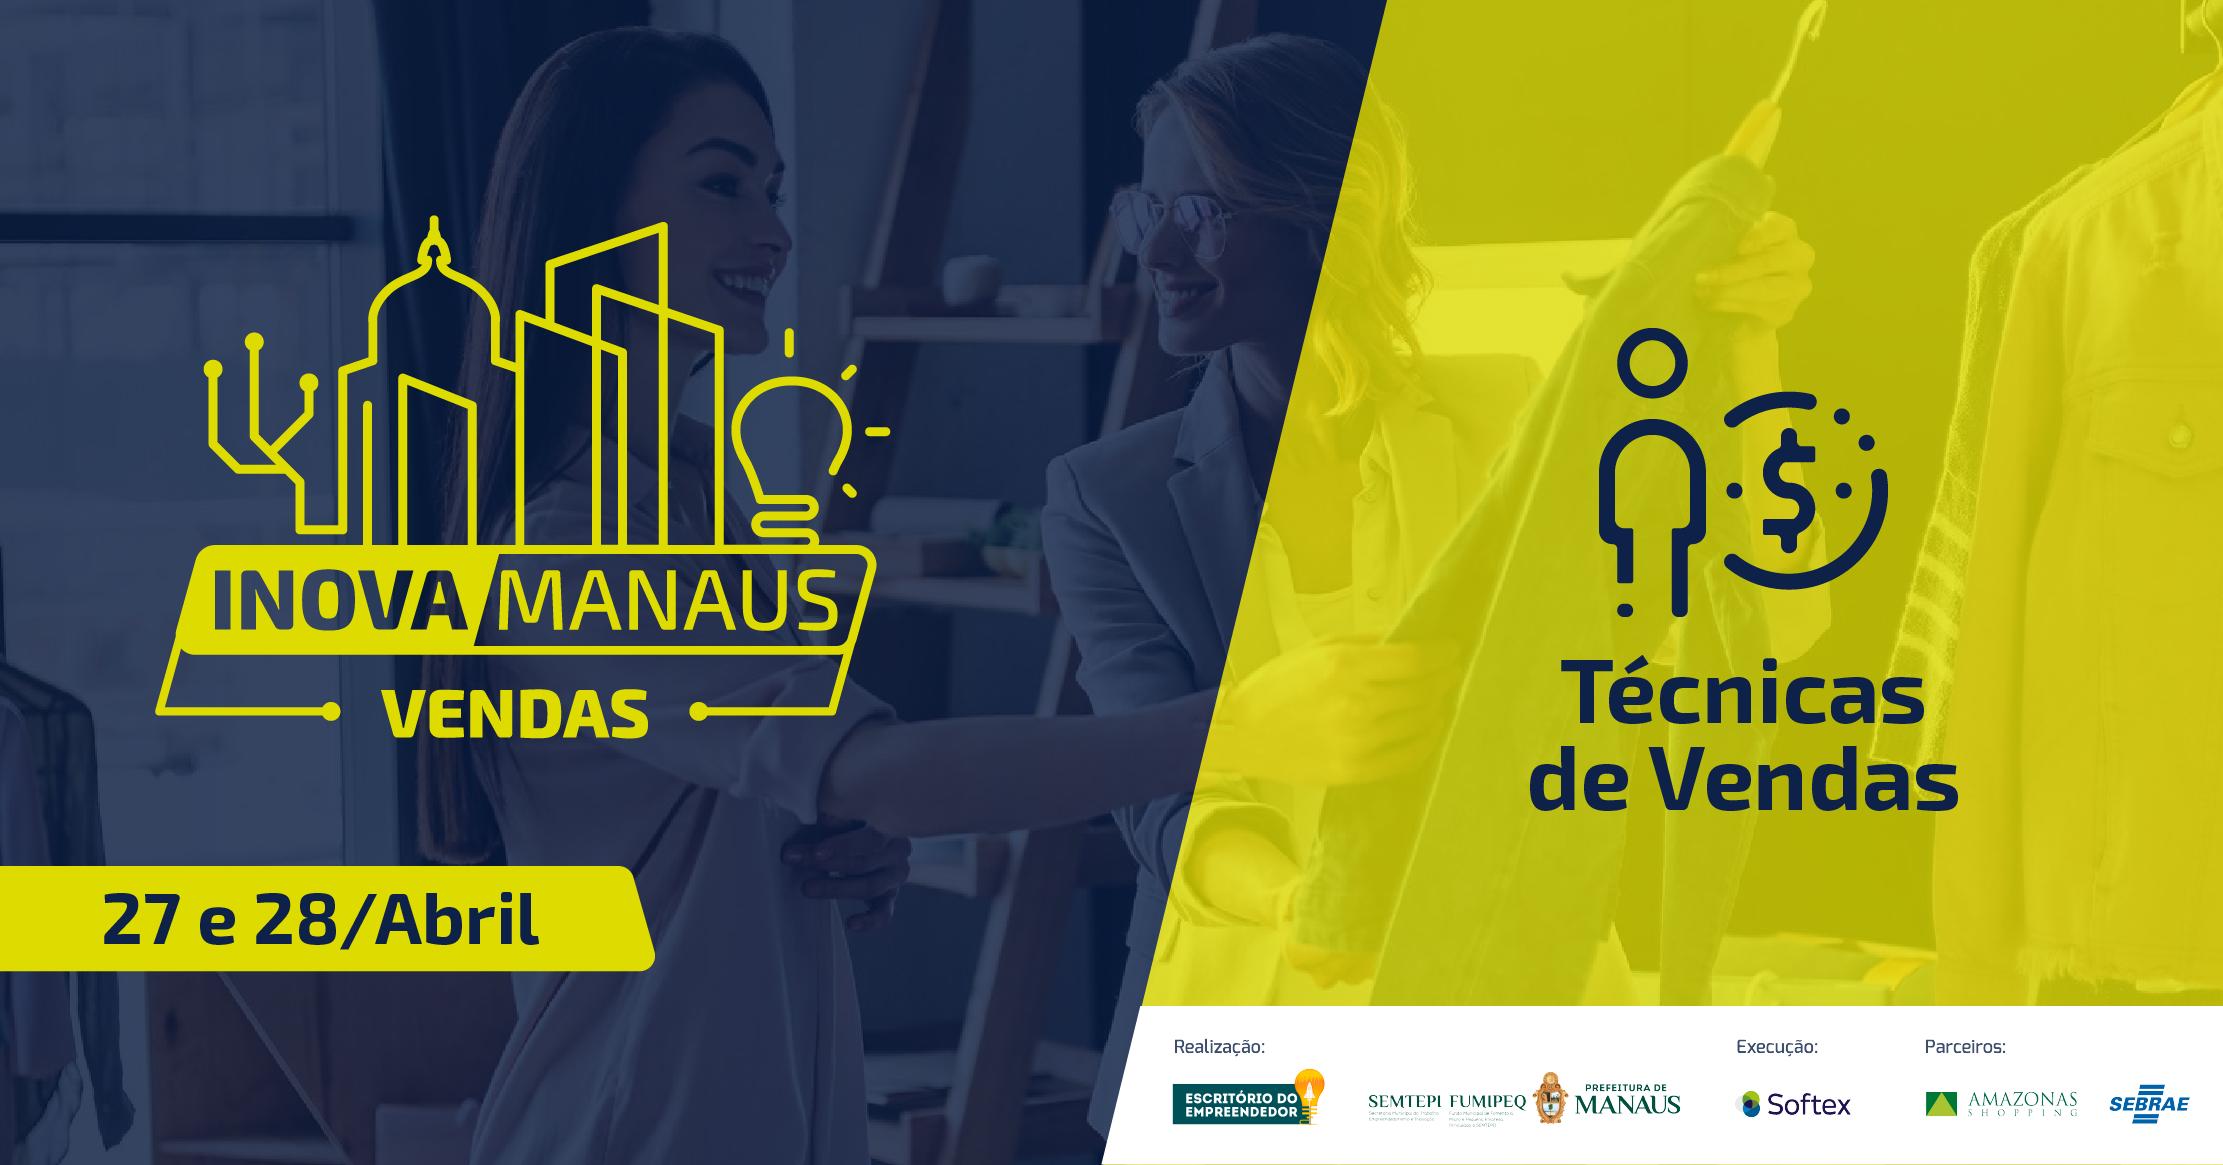 b09aced49 Inova Manaus - PRÉ-INSCRIÇÃO Técnicas de Vendas - Sympla